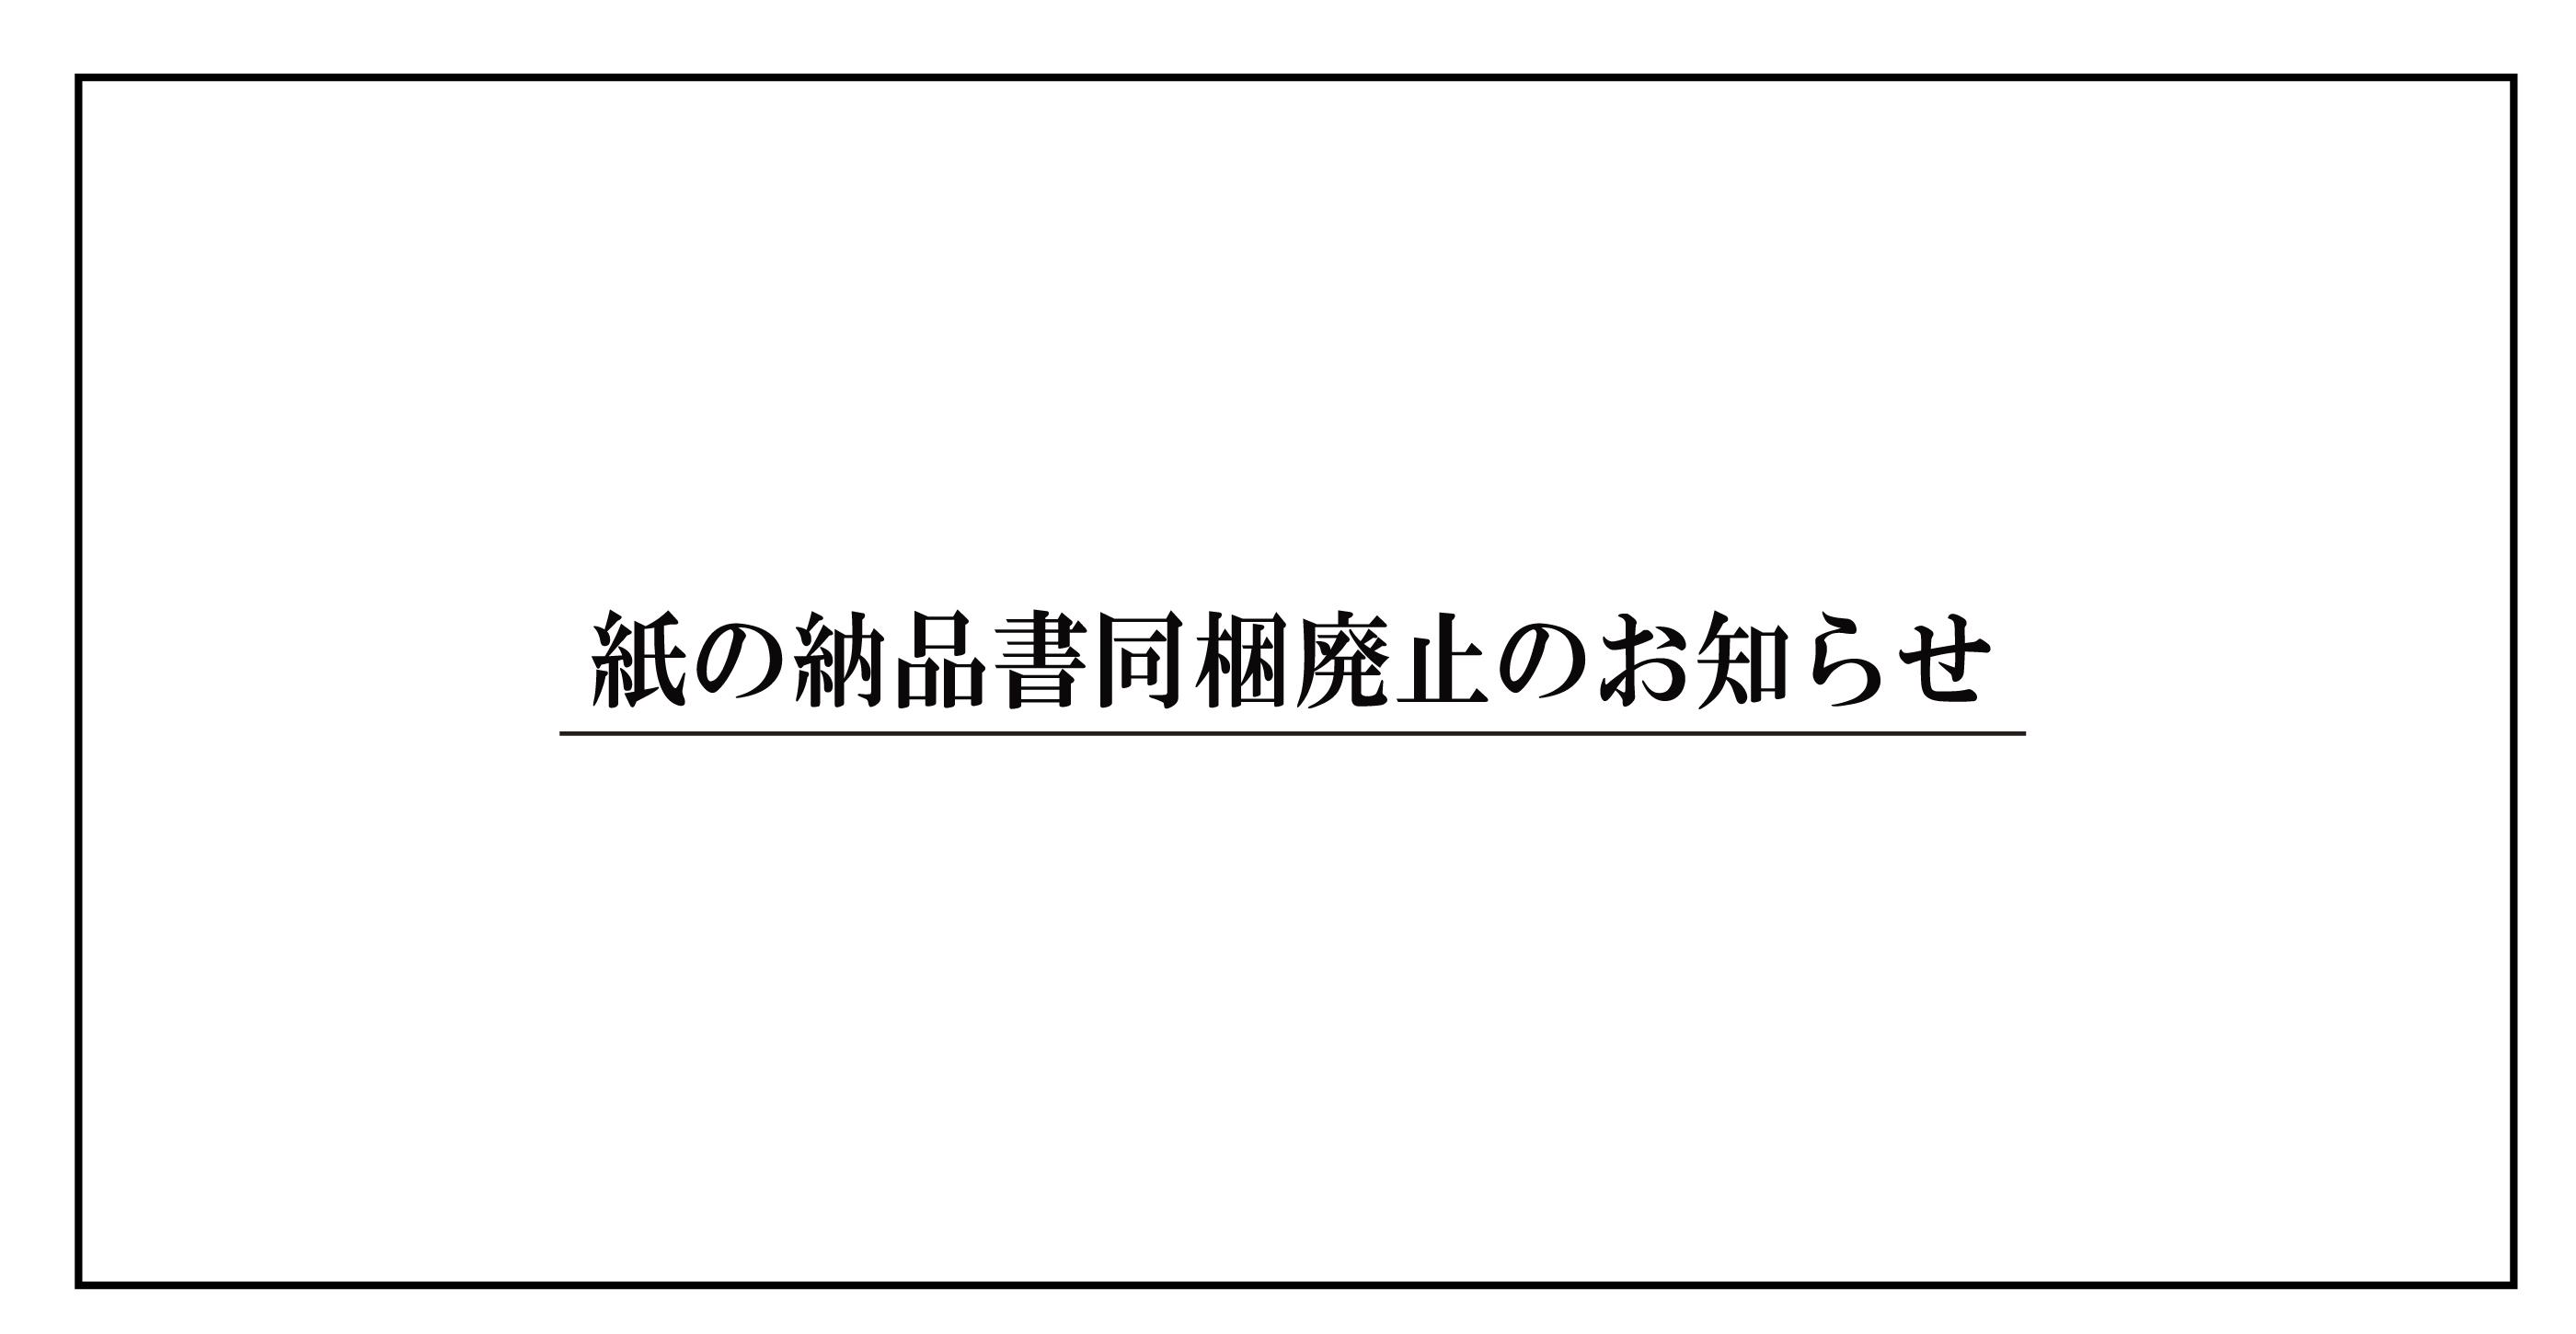 紙の納品書同梱廃止のお知らせ